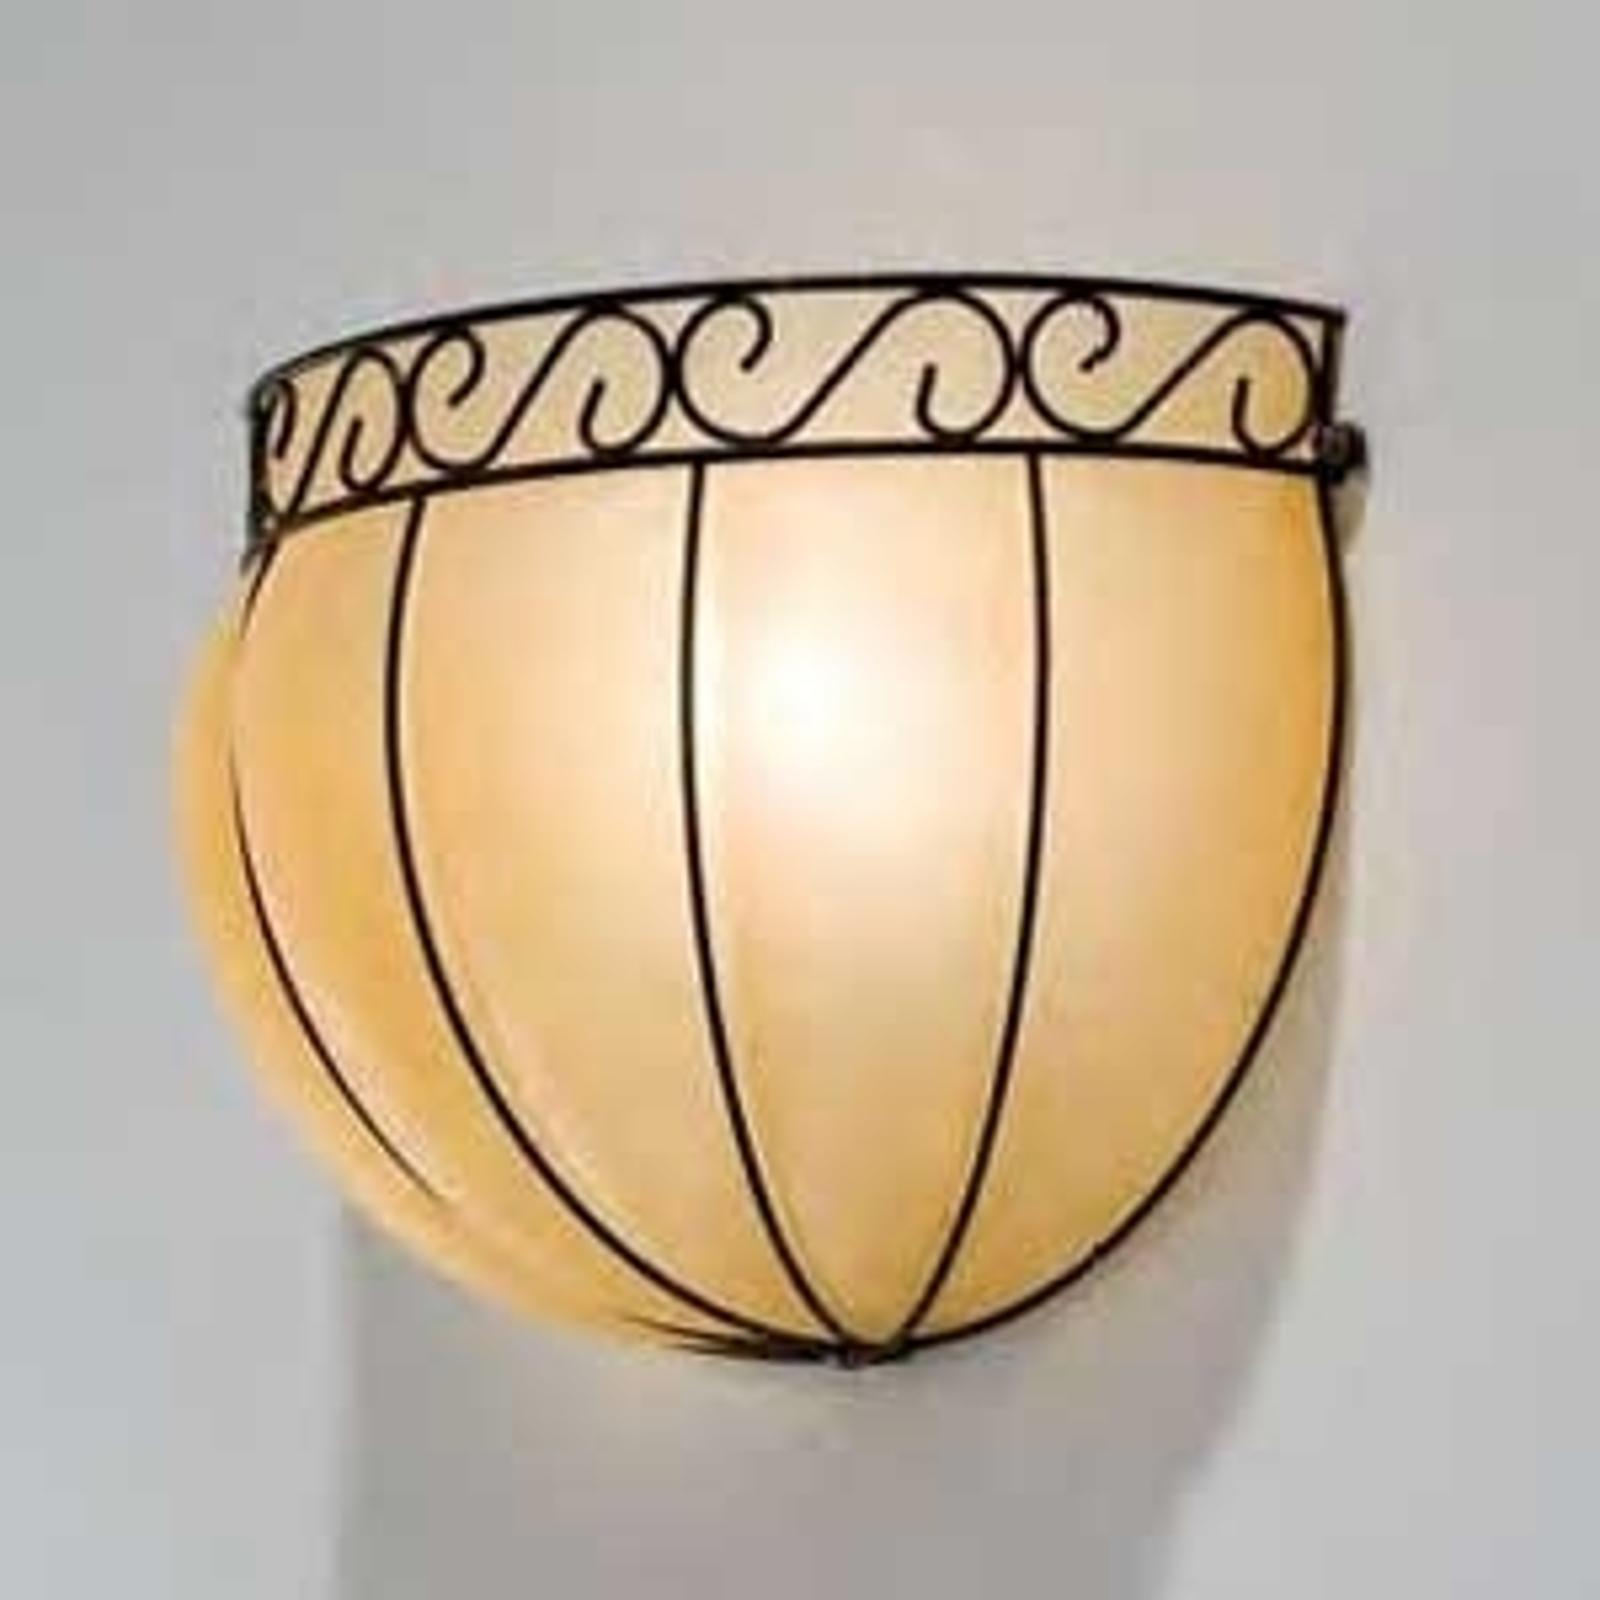 Halfronde wandlamp CORONA, 34 cm